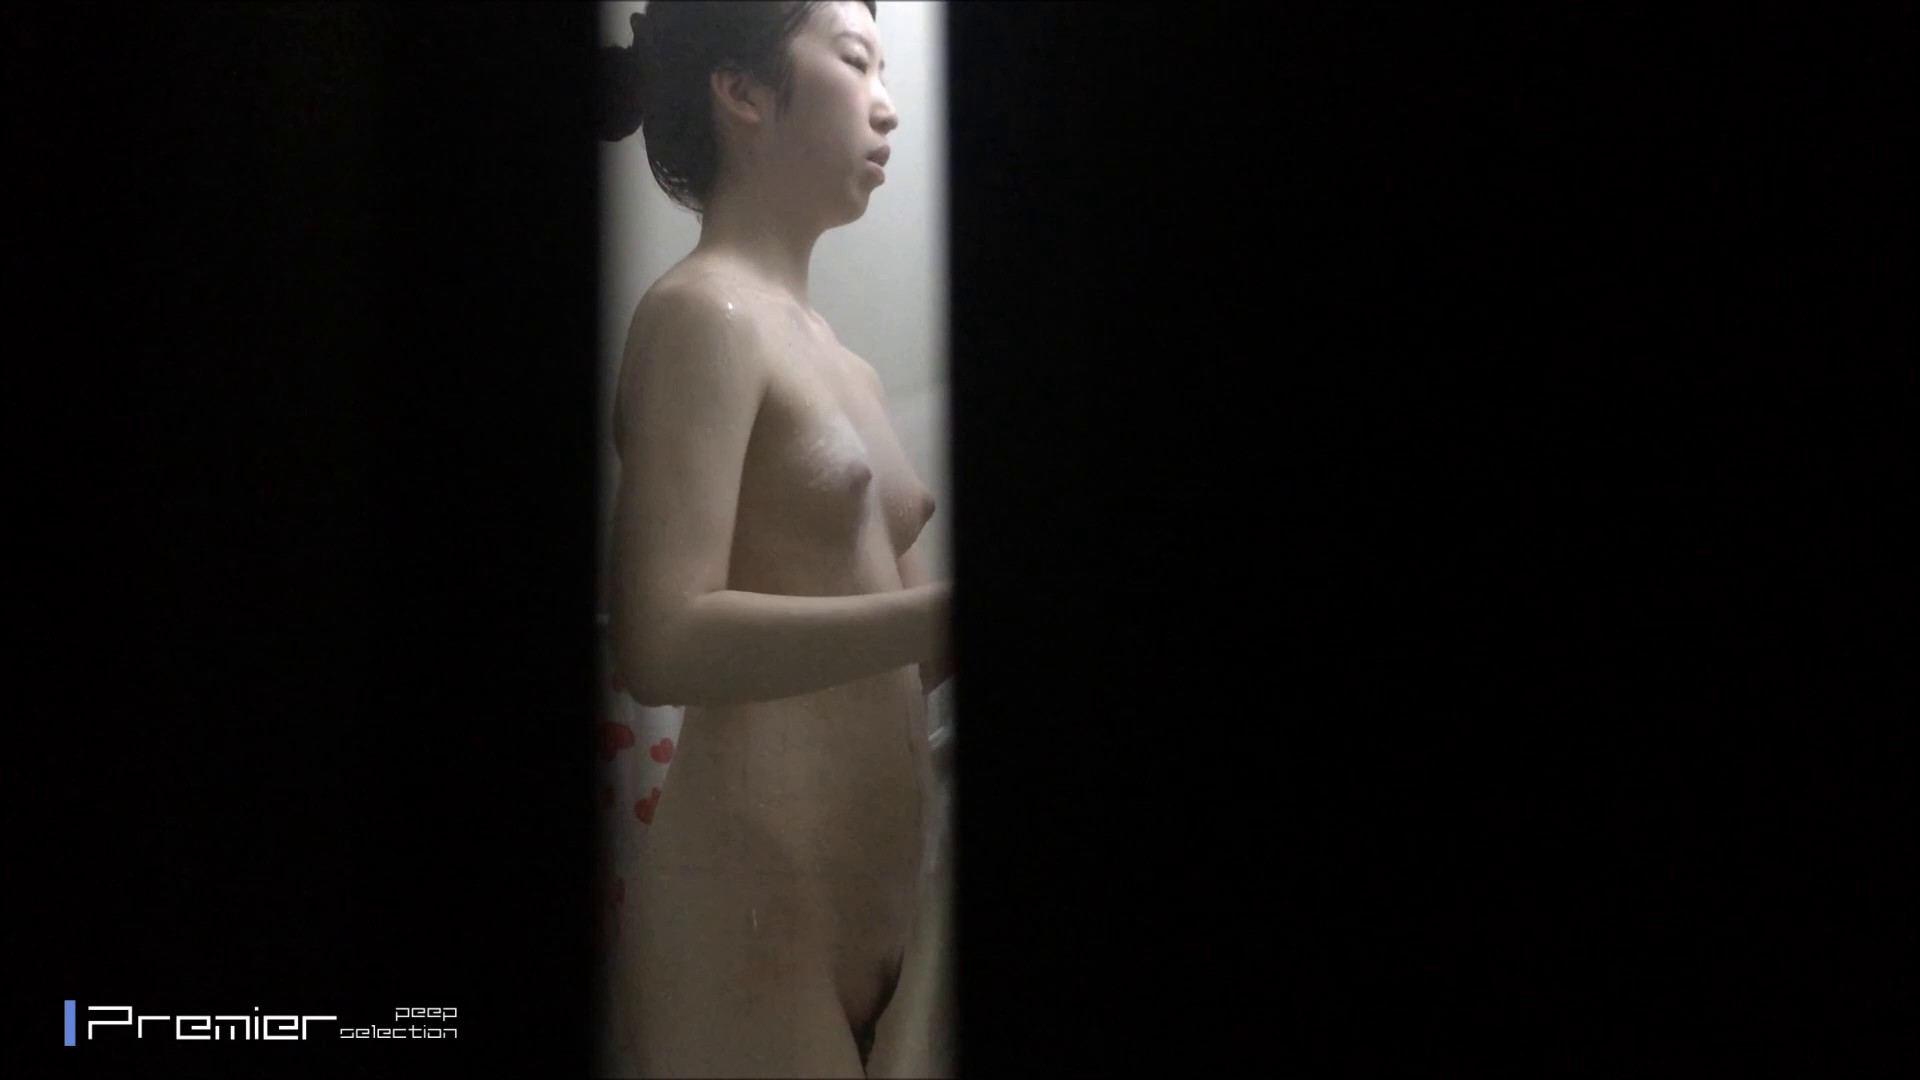 笑顔のスポーツ美女 乙女の風呂場 Vol.23 乙女もsex  98枚 13